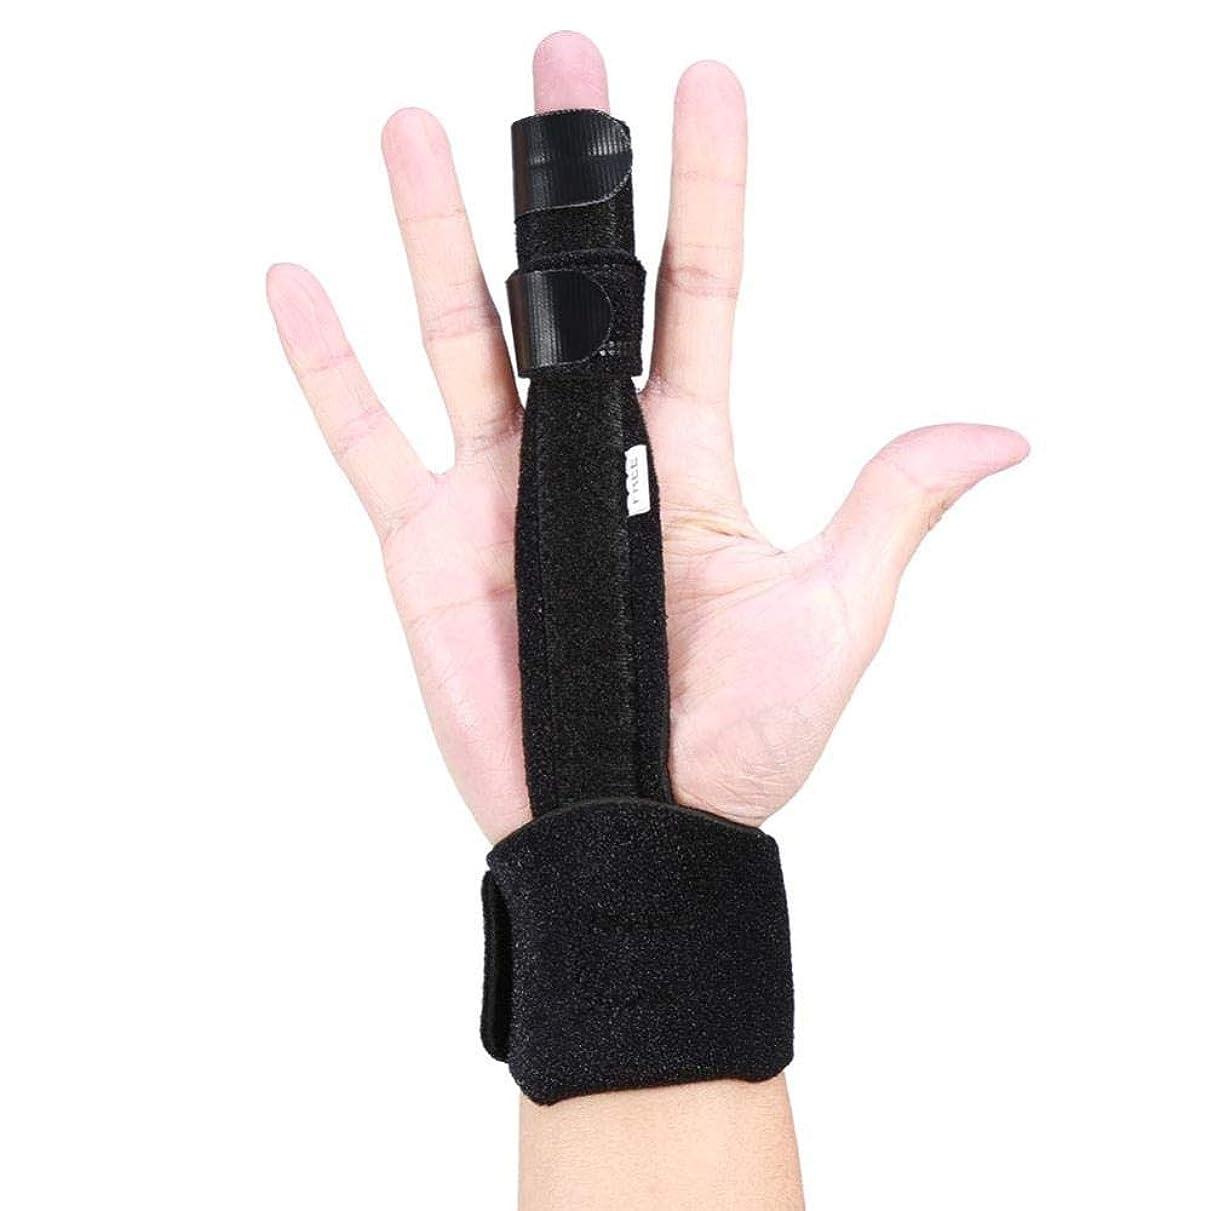 静脈現象はがき指の負傷のサポート、調整可能なアルミニウム製の指の副木手サポートの回復サポート保護傷害の援助